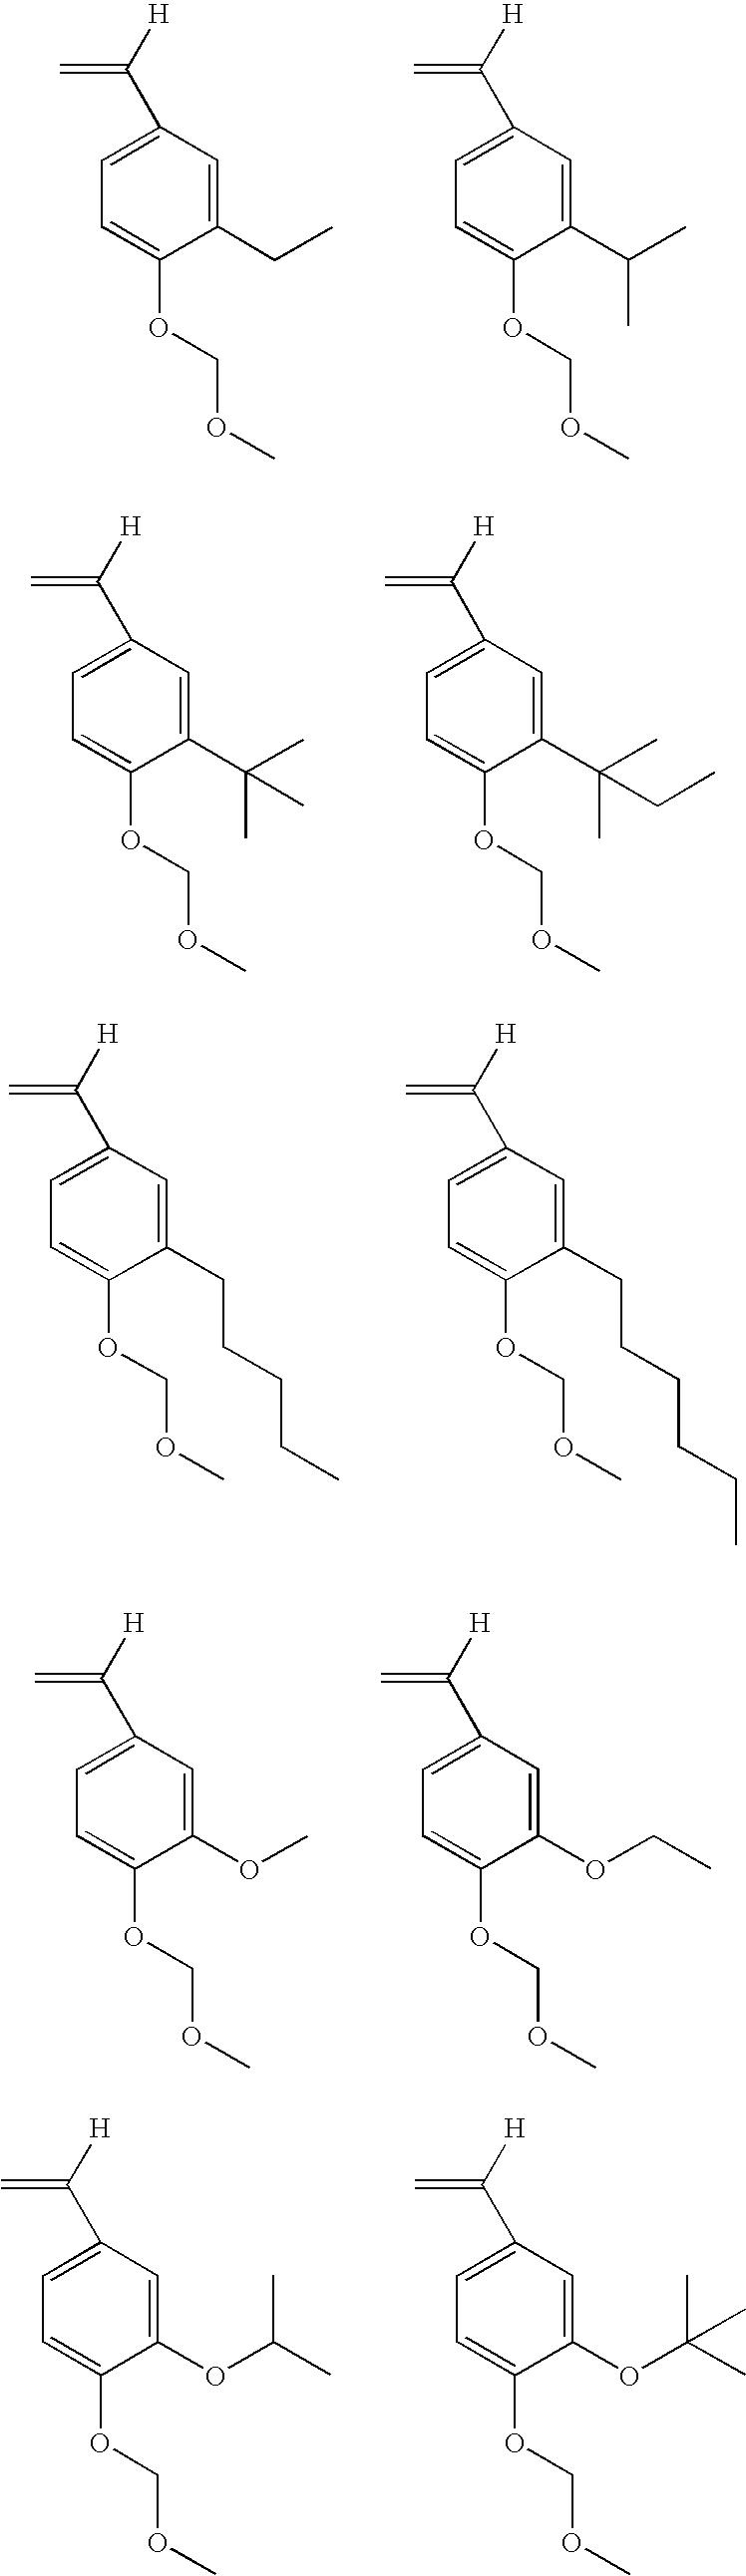 Figure US20100323296A1-20101223-C00052